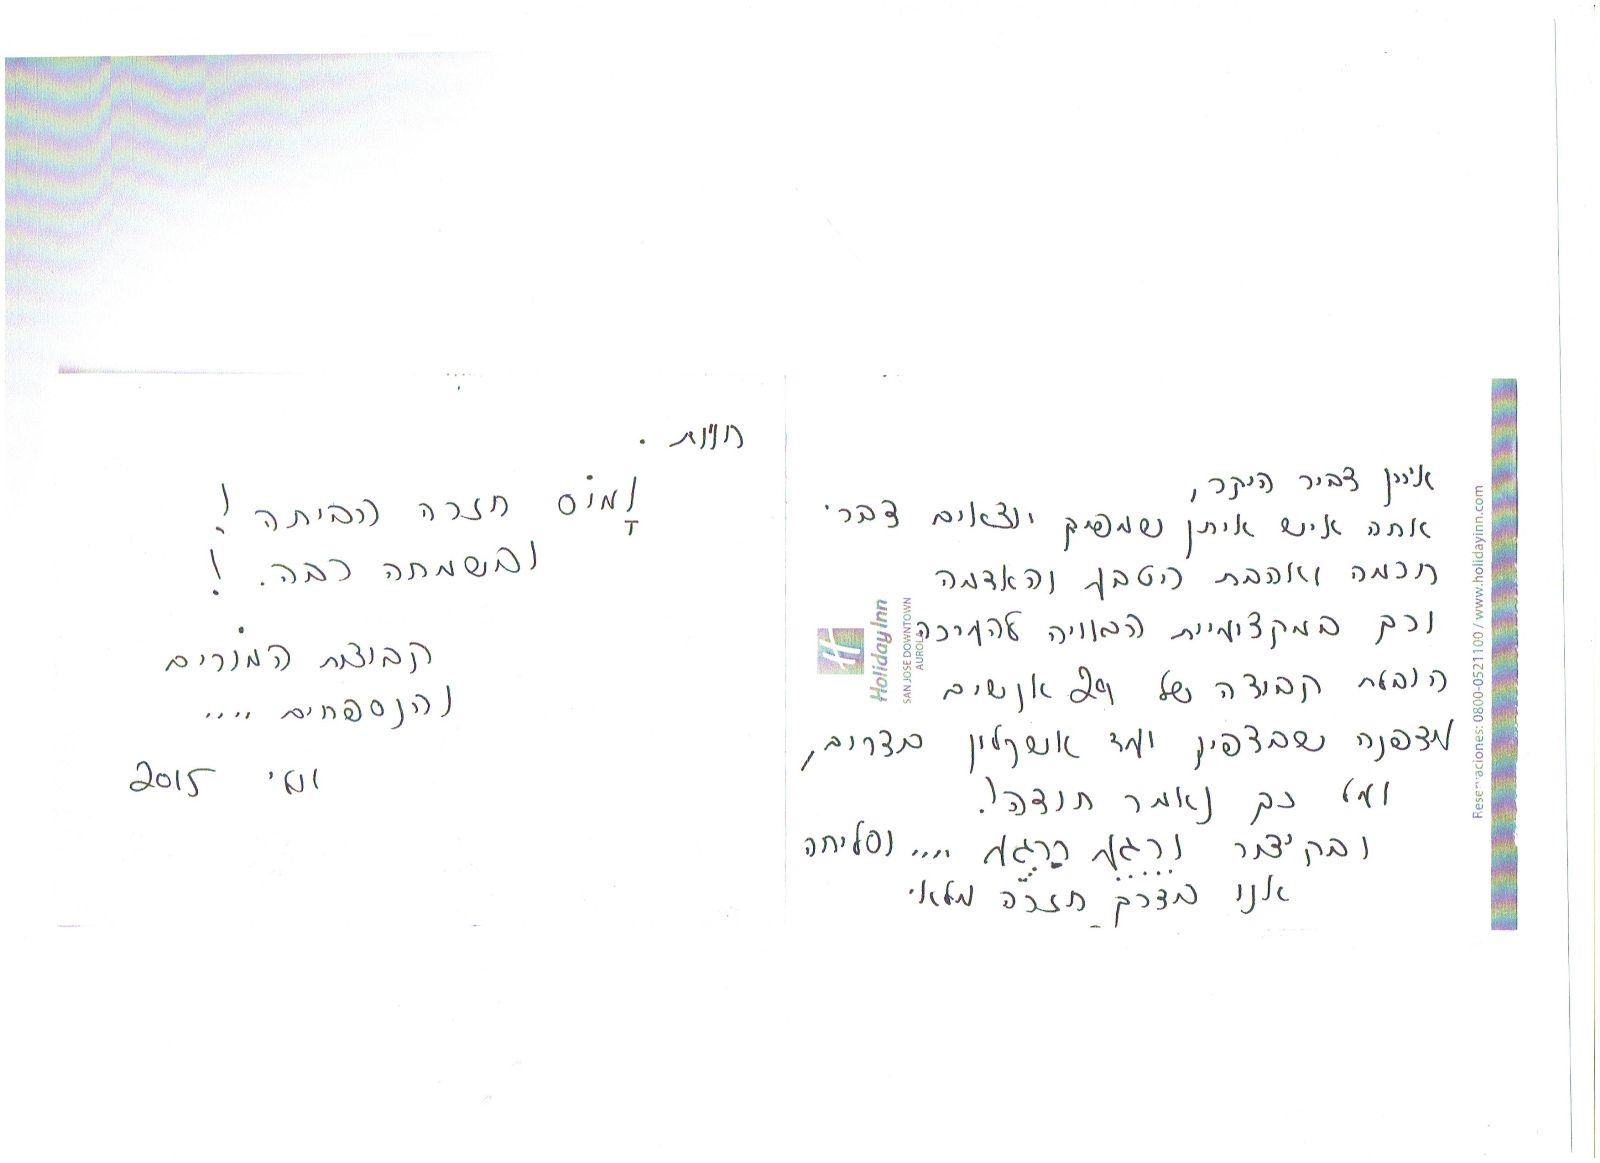 איתן דביר מכסיקו וגוואטמלה 3/14